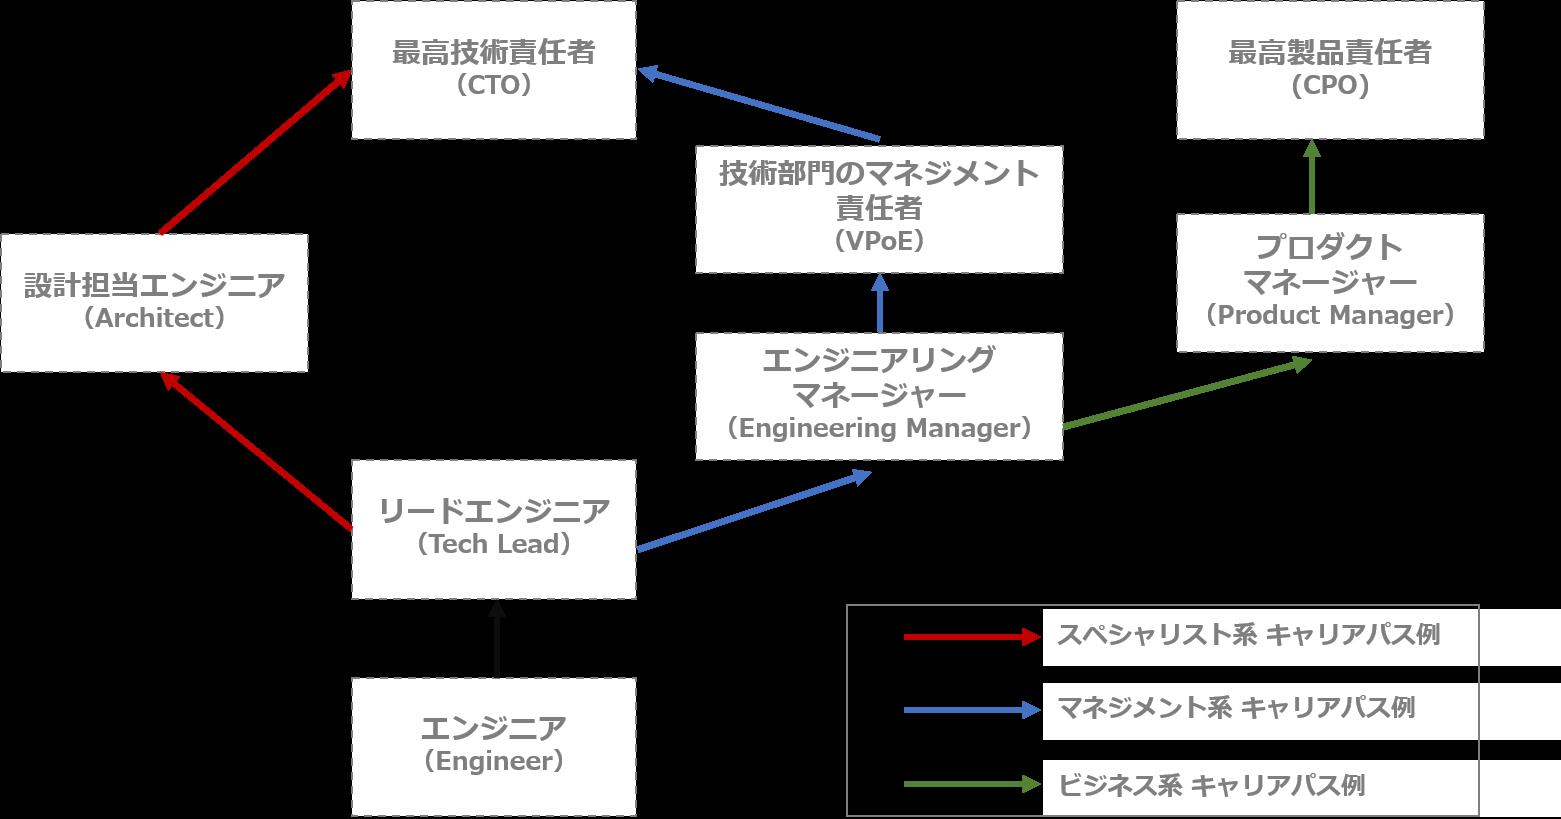 事業会社におけるITエンジニアのキャリアパスの例